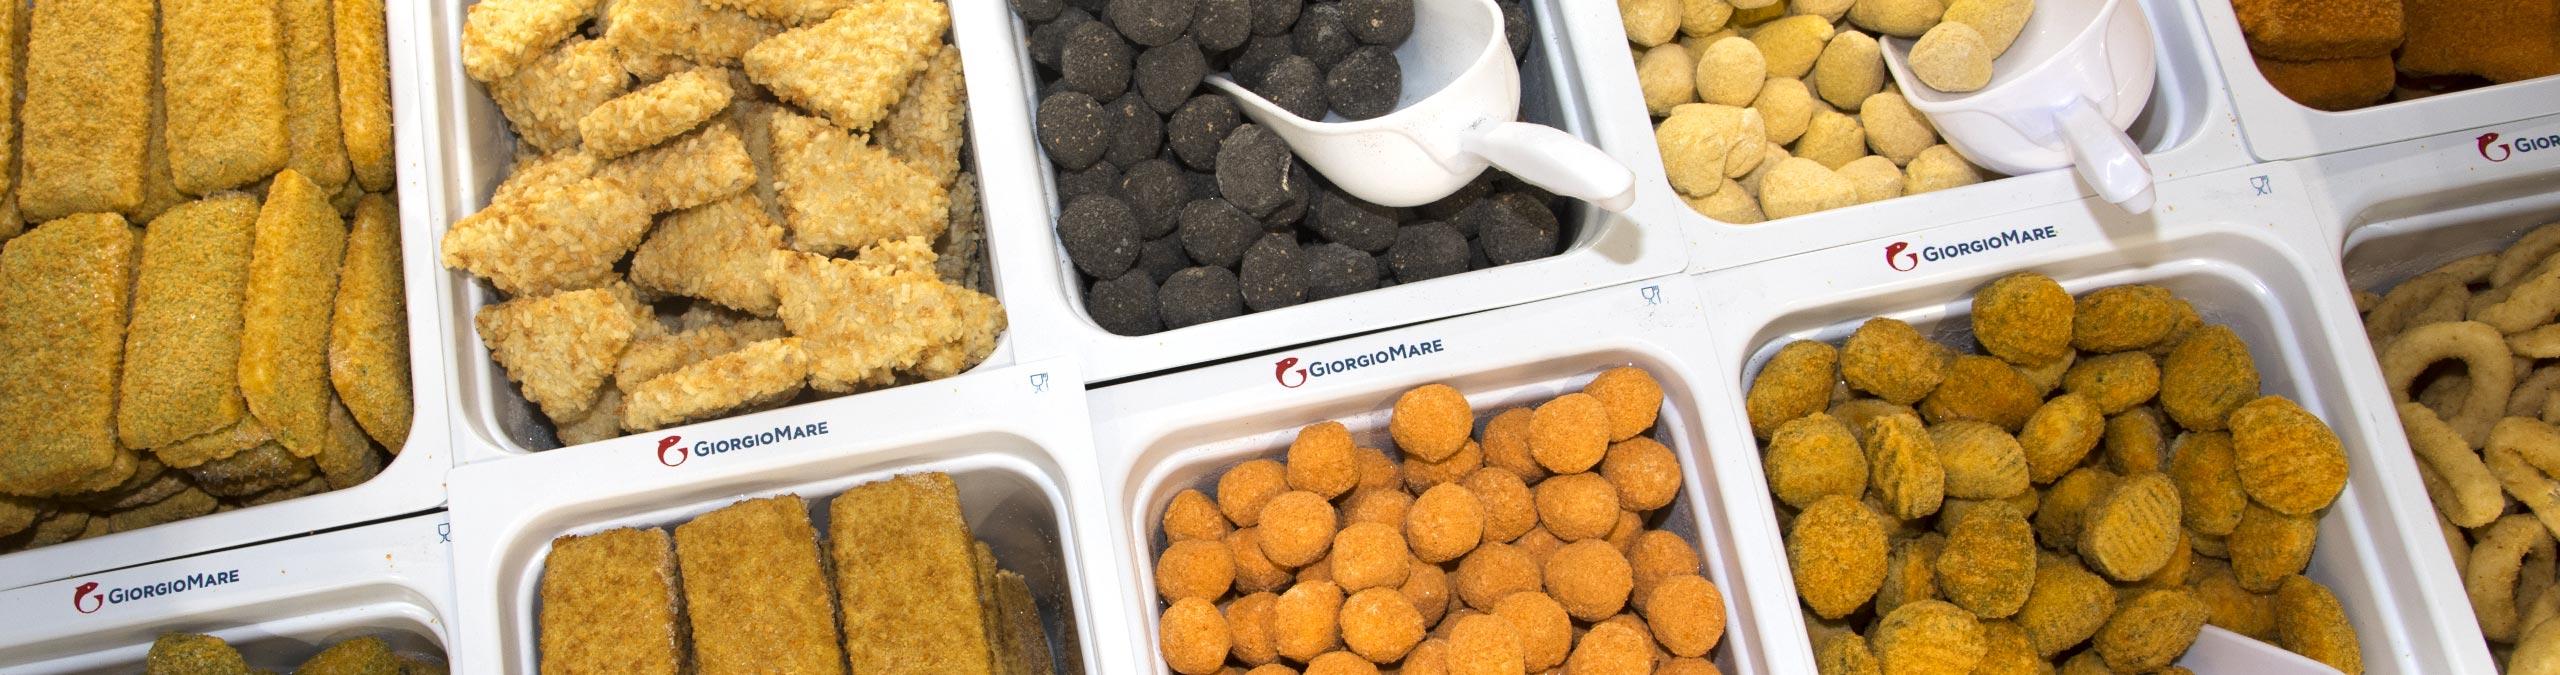 Panati GiorgioMare - All'interno dei più grandi negozi GiorgioMare® è possibile trovare anche un'ampia e variegata selezione di gustosissimi panati di pesce, carne e sfiziosità, pronti da cuocere.